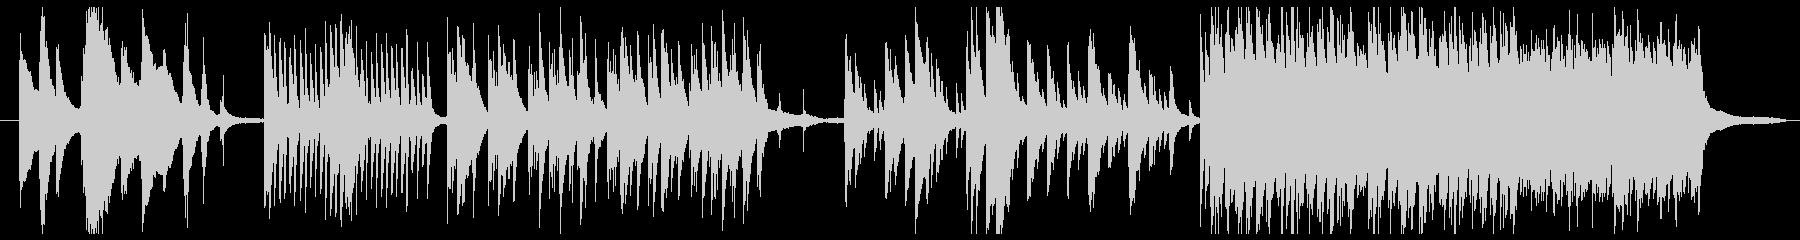 暗い雰囲気の映画的なピアノソロの未再生の波形